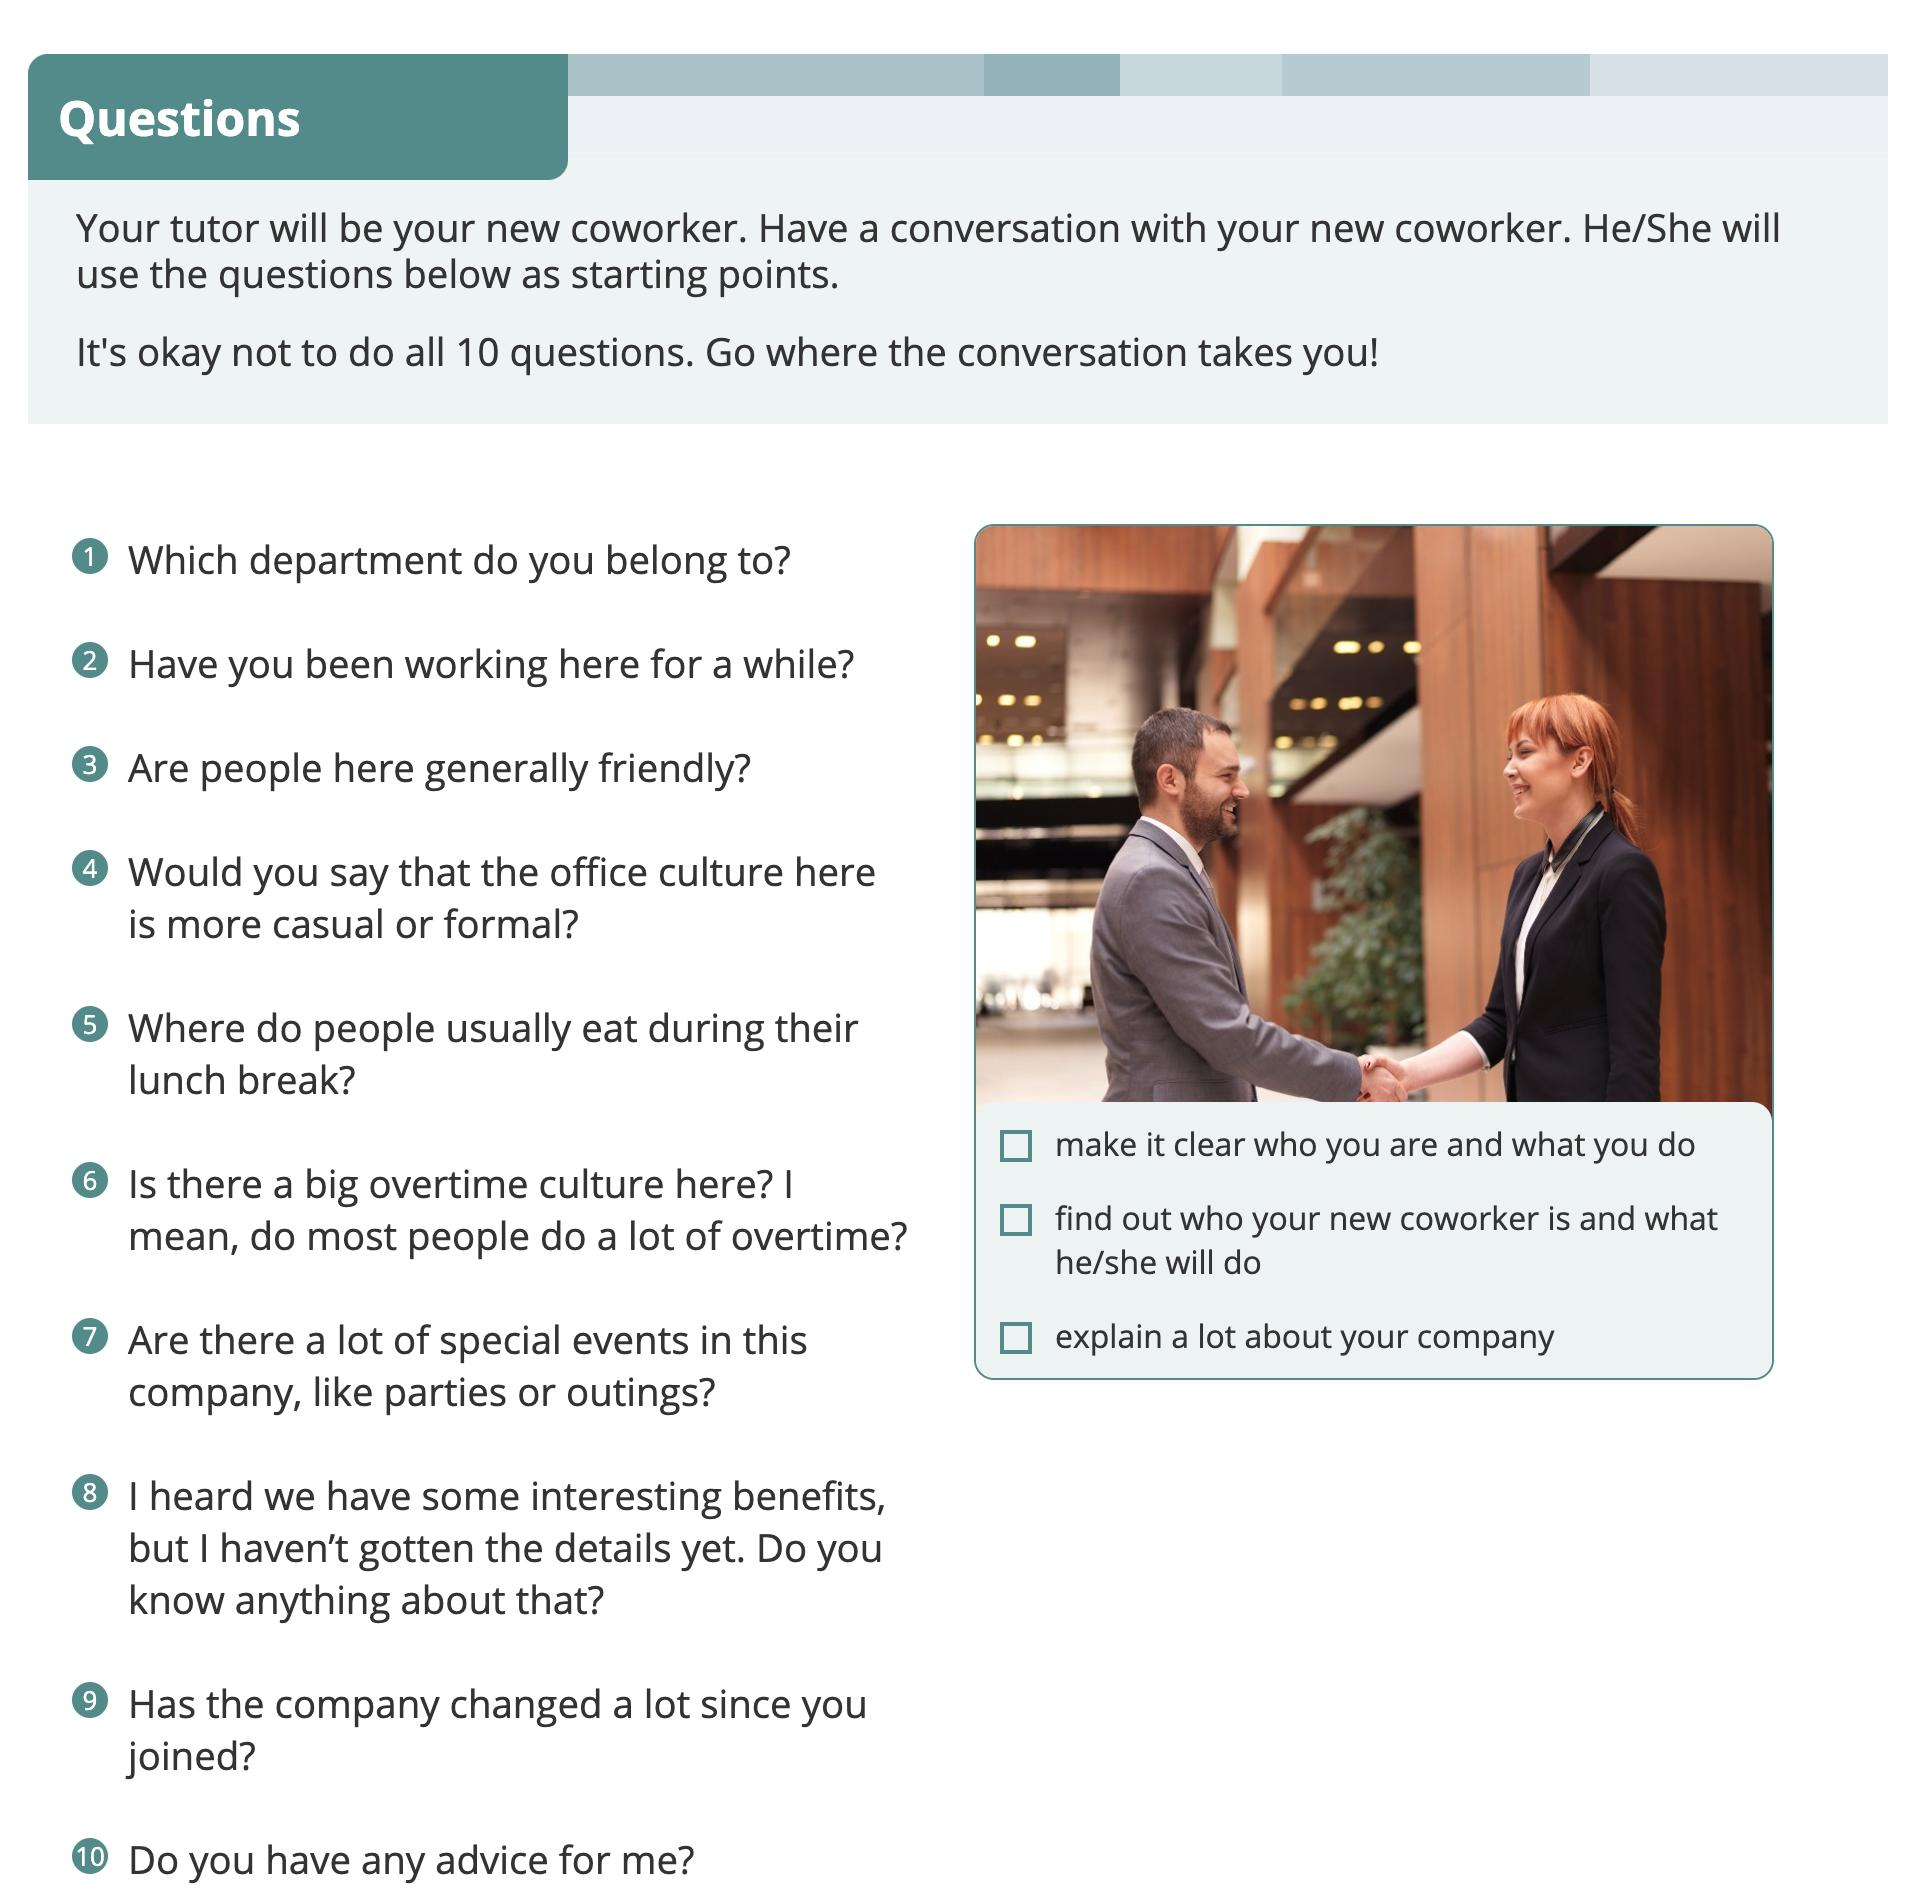 ビジネスシチュエーションクエスチョン 中級 QUESTIONS